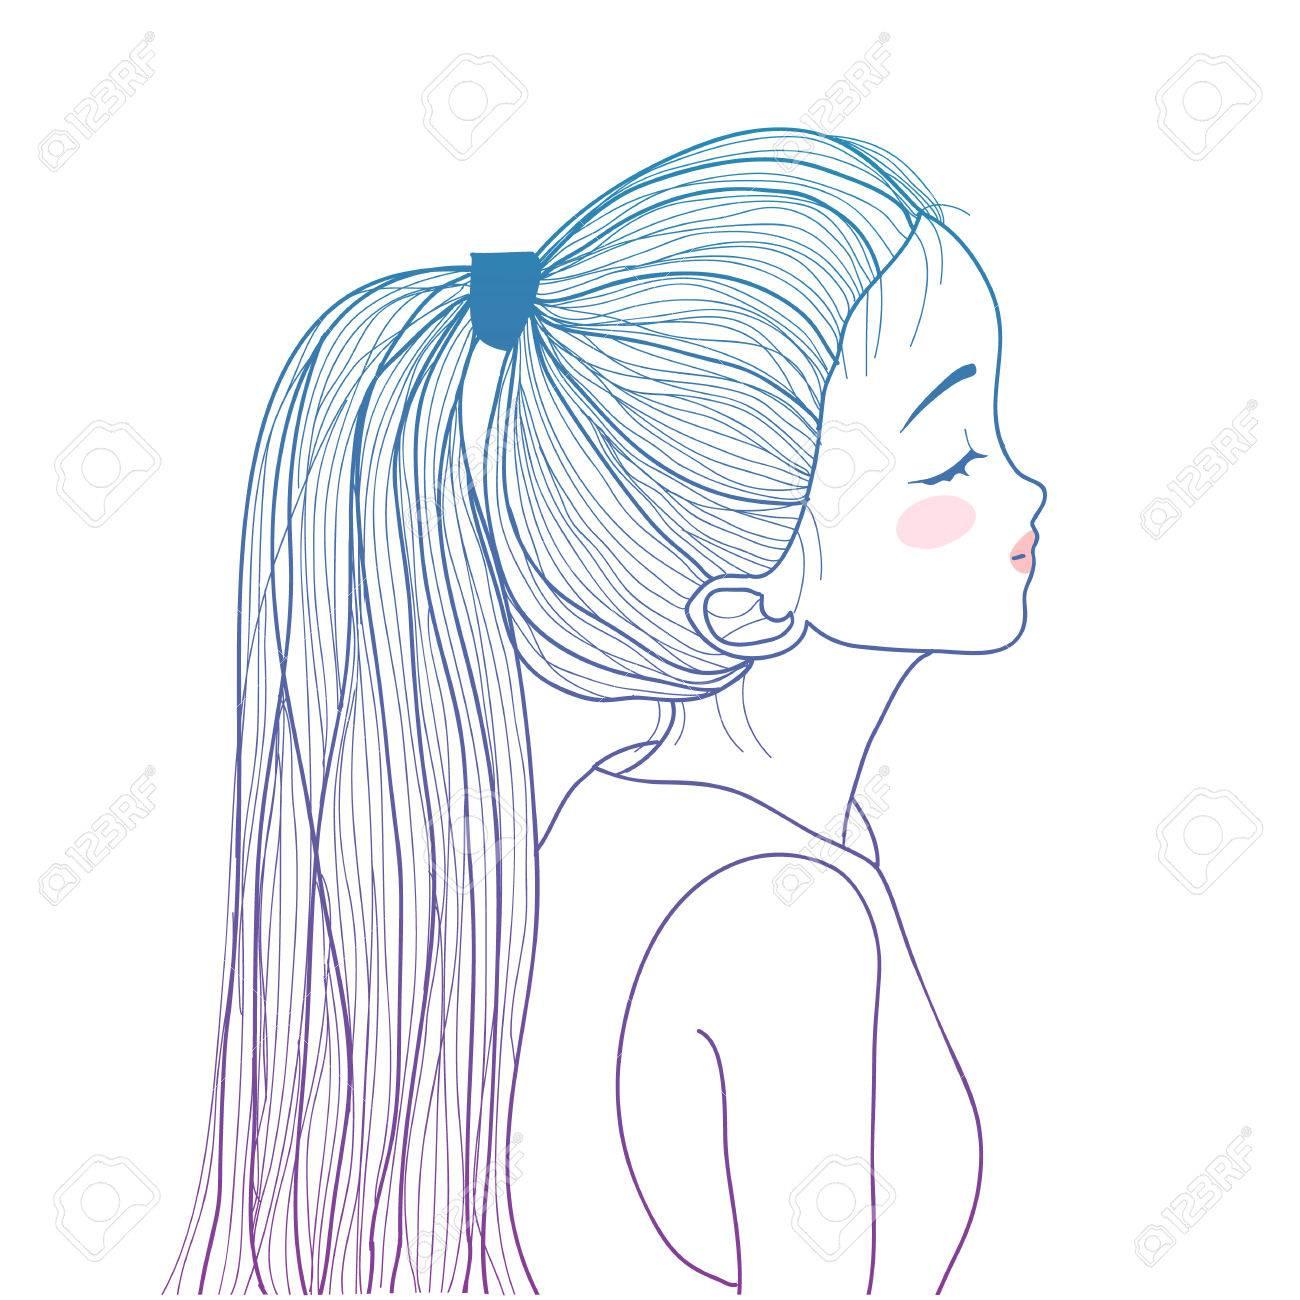 グラデーションのポニーテールかわいい女の子イラスト